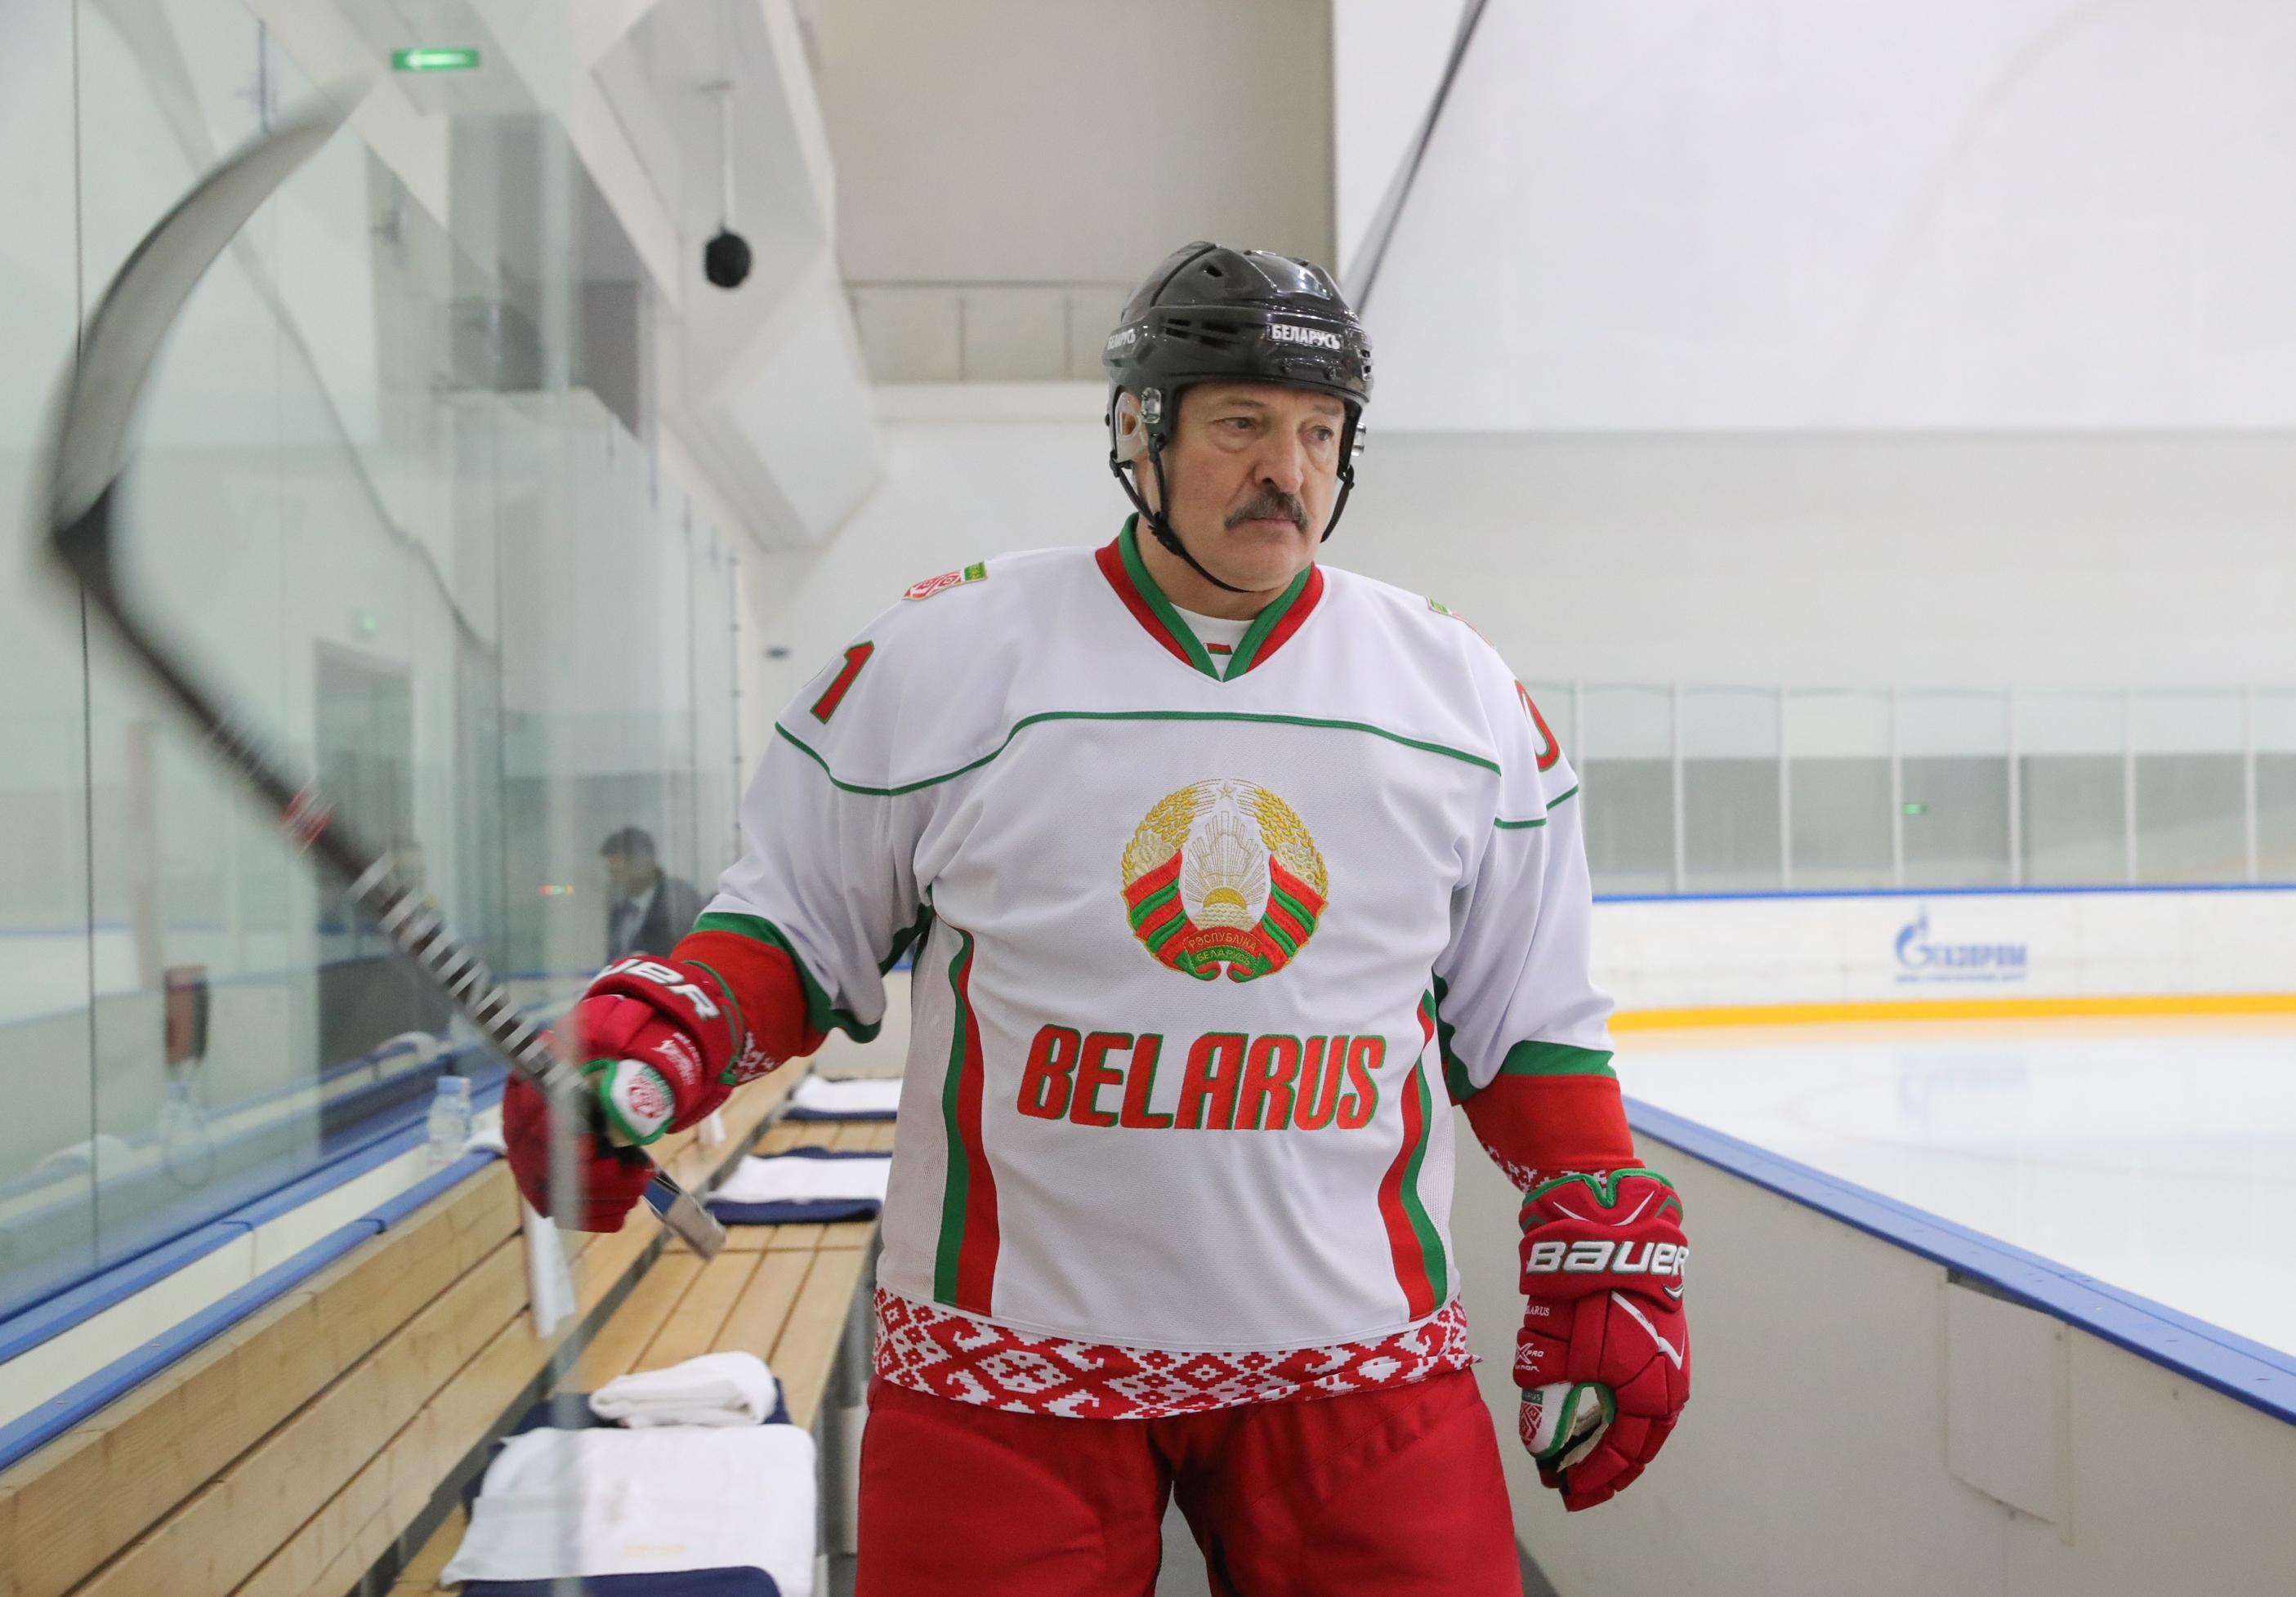 Biztonsági okokra hivatkozva elvették Fehéroroszországtól a jéghokivébé társrendezői jogát